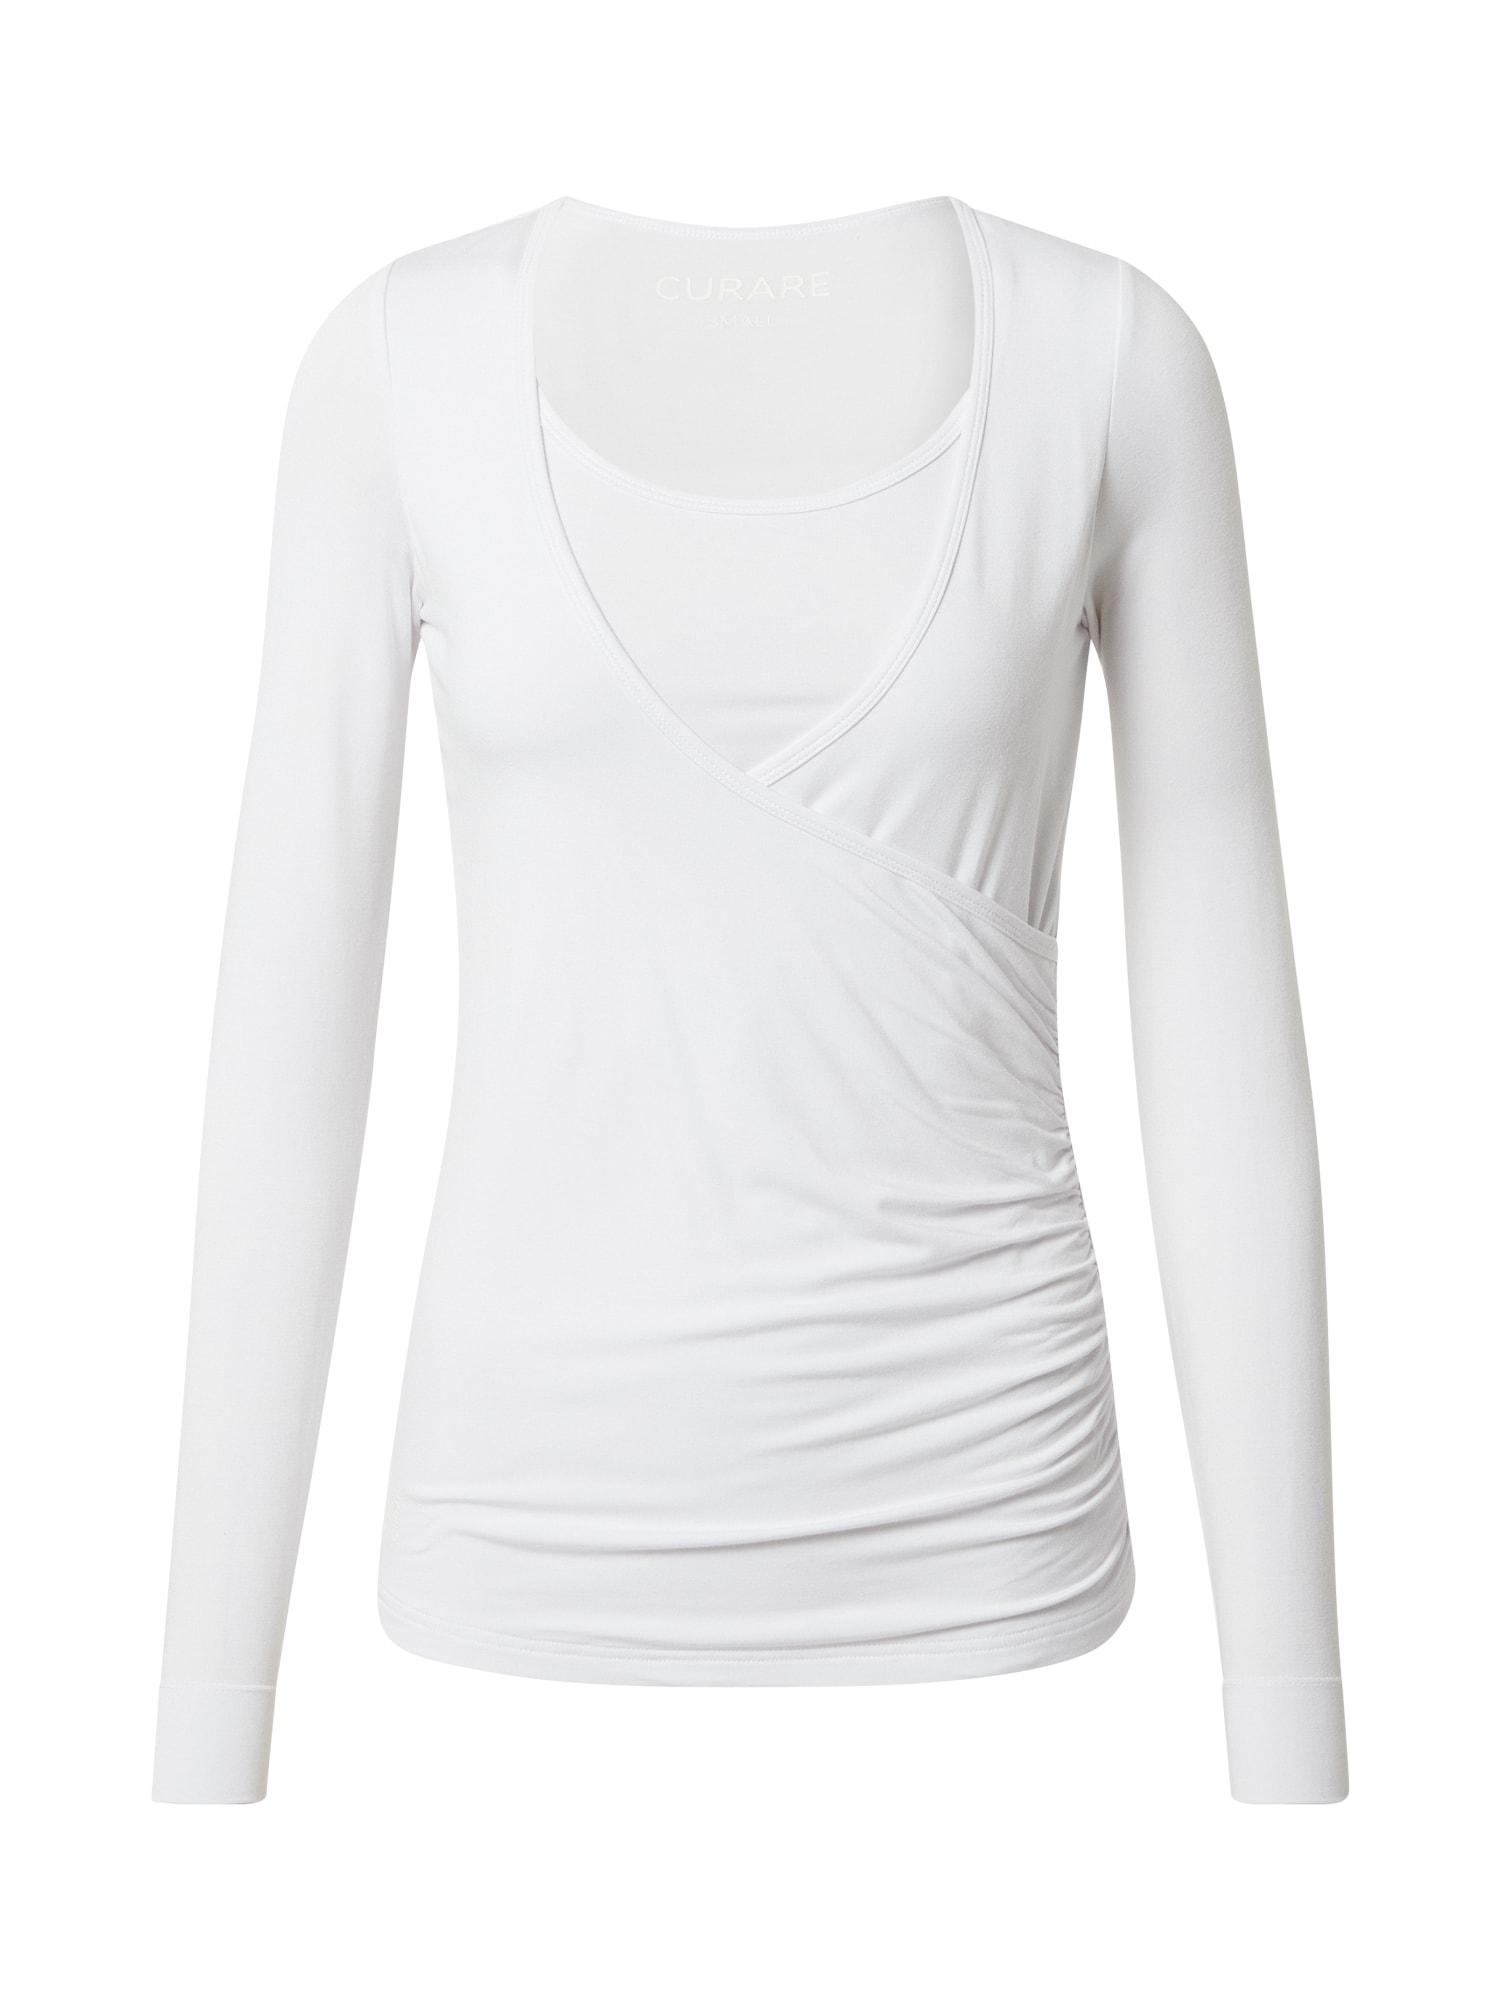 CURARE Yogawear Sportiniai marškinėliai balta